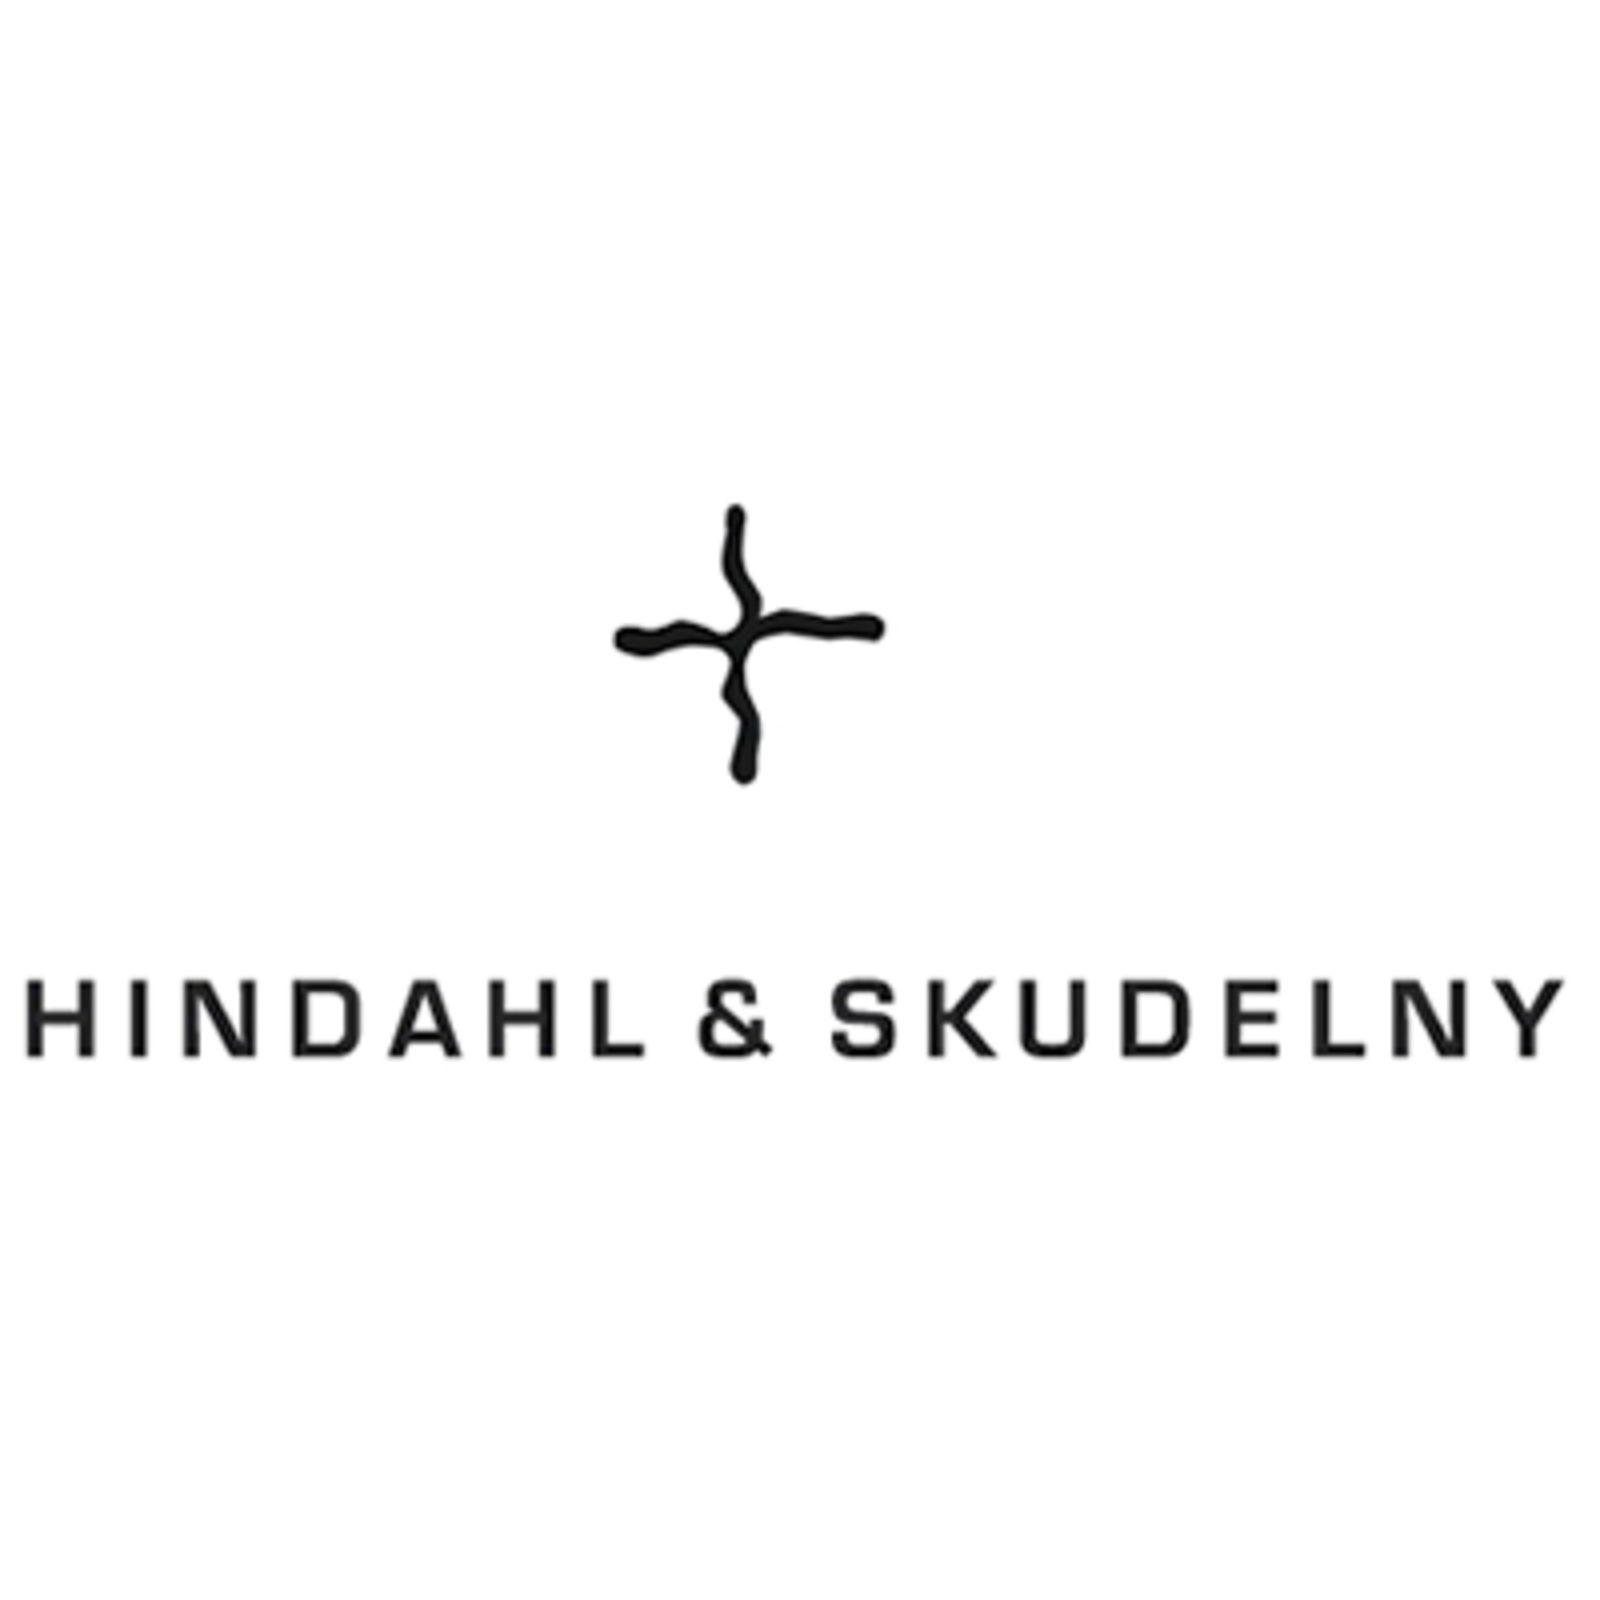 HINDAHL & SKUDELNY